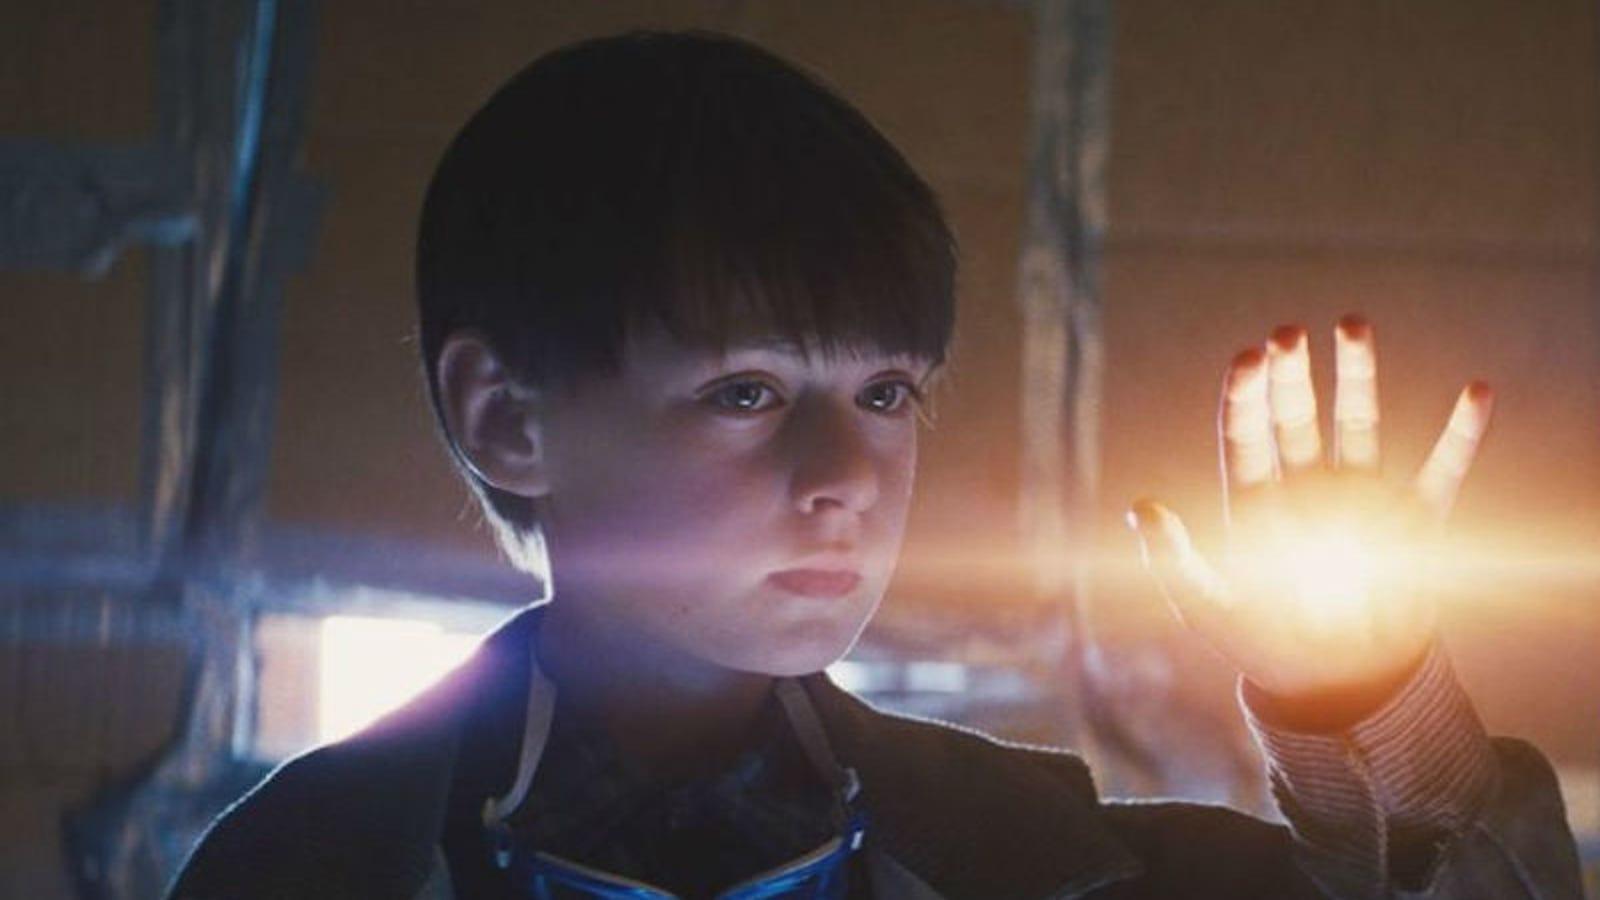 13 películas de ciencia-ficción de 2016 que probablemente te hayas perdido y deberías ver